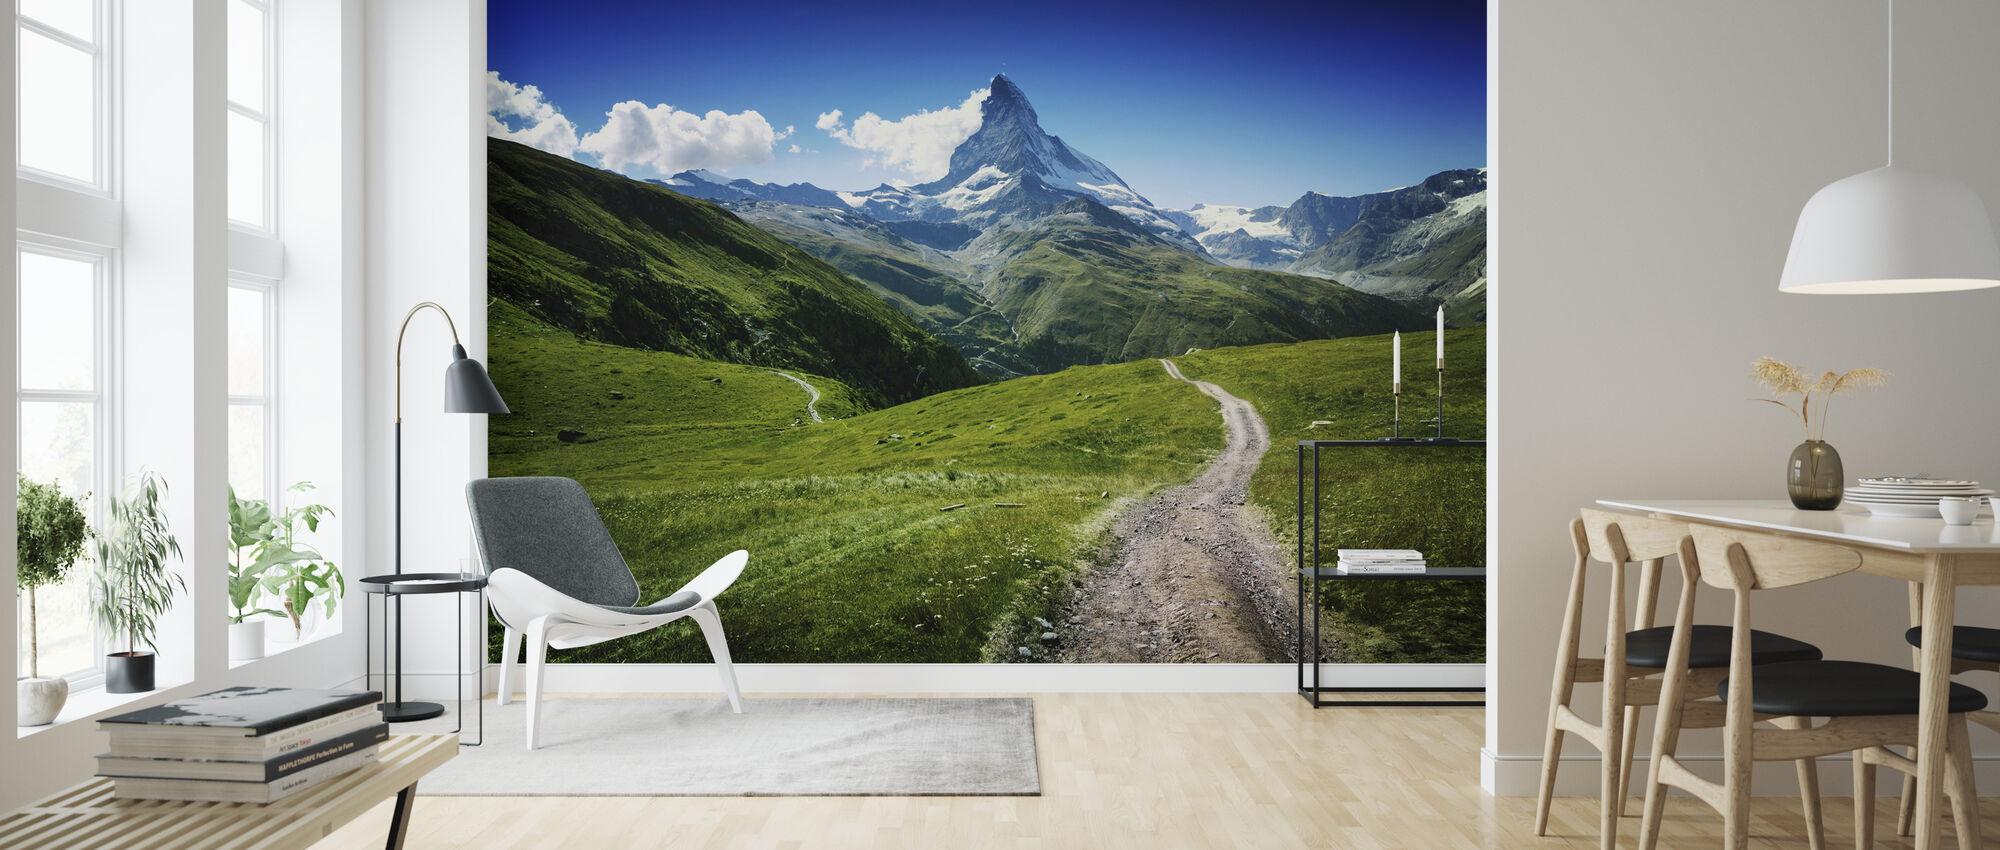 Matterhorn II - Wallpaper - Living Room